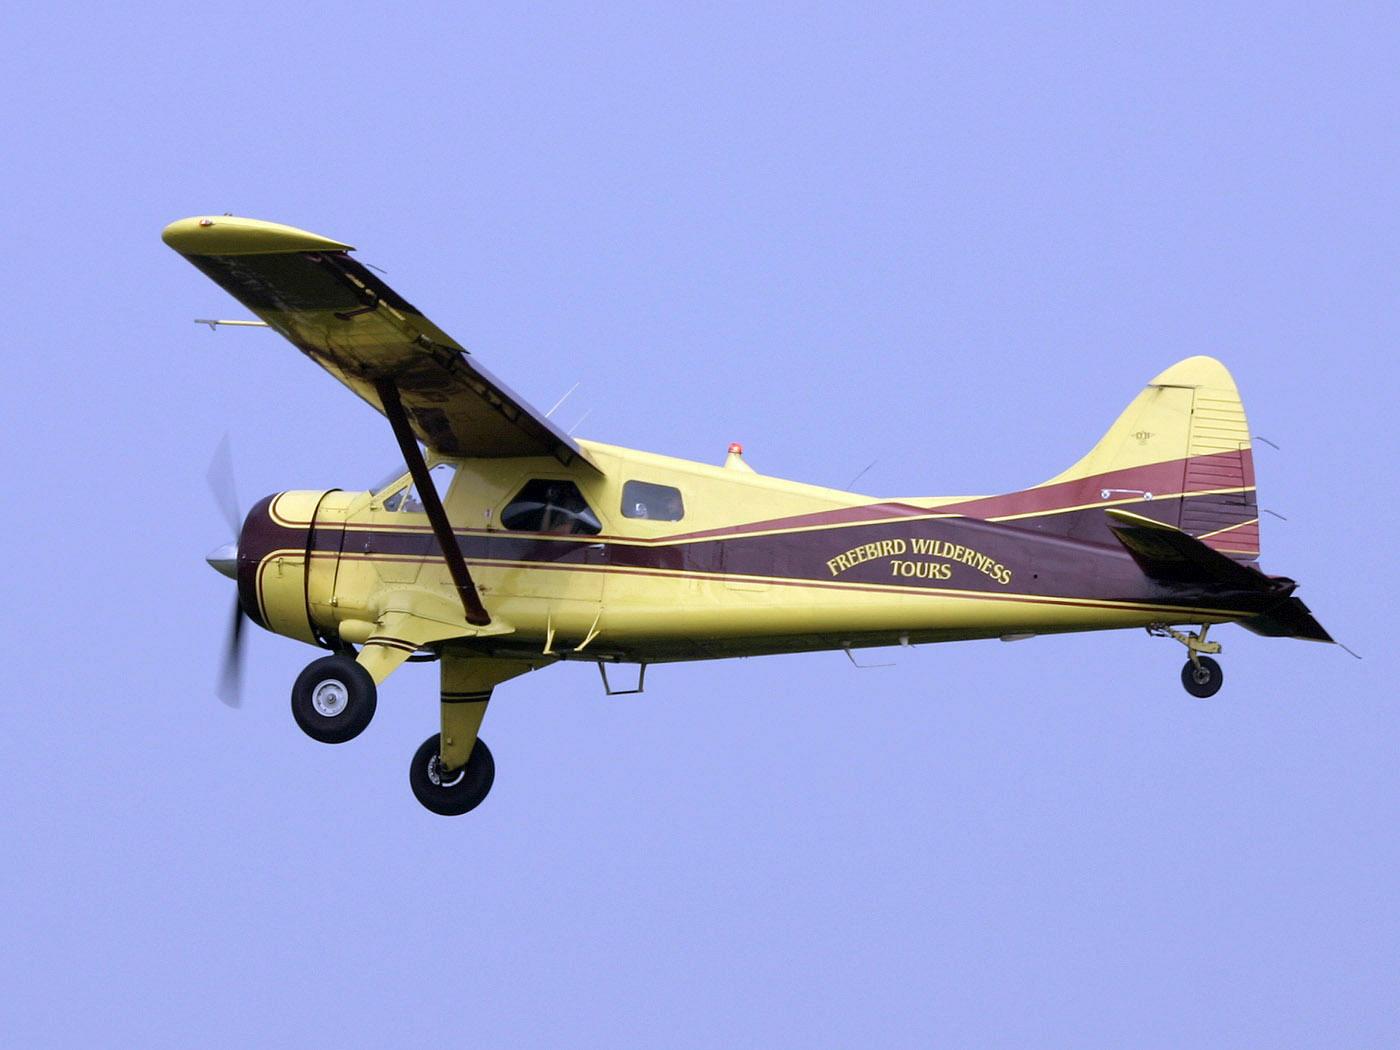 Flugzeuge 1 2 3 4 5